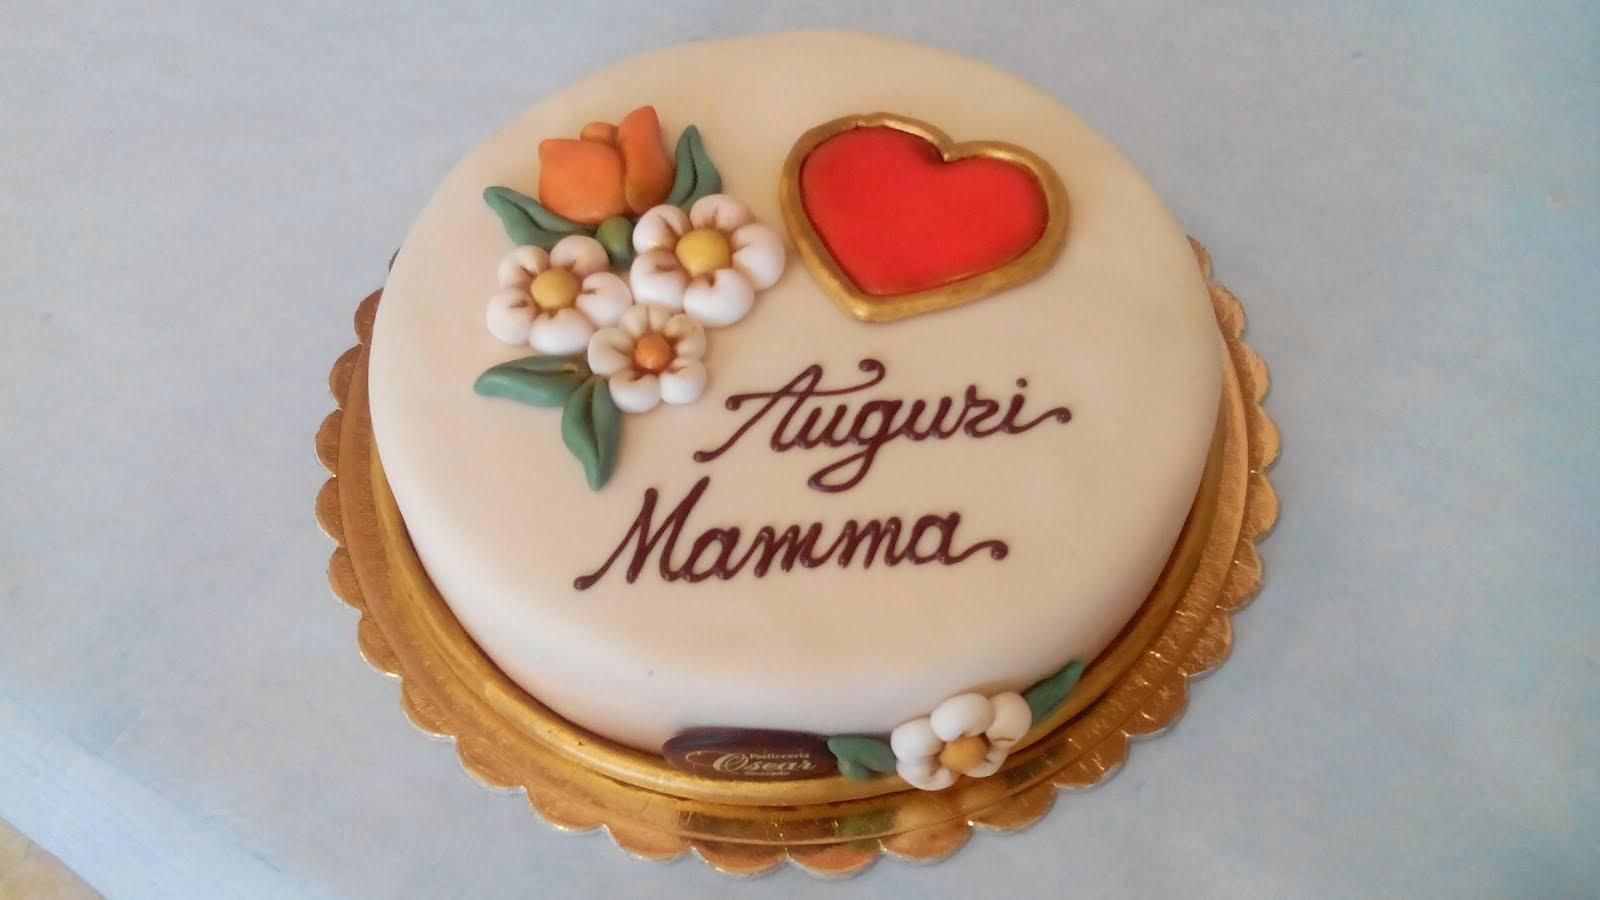 Preferenza Pasticceria Bergamo Oscar Blog: Torta festa della mamma. WG04